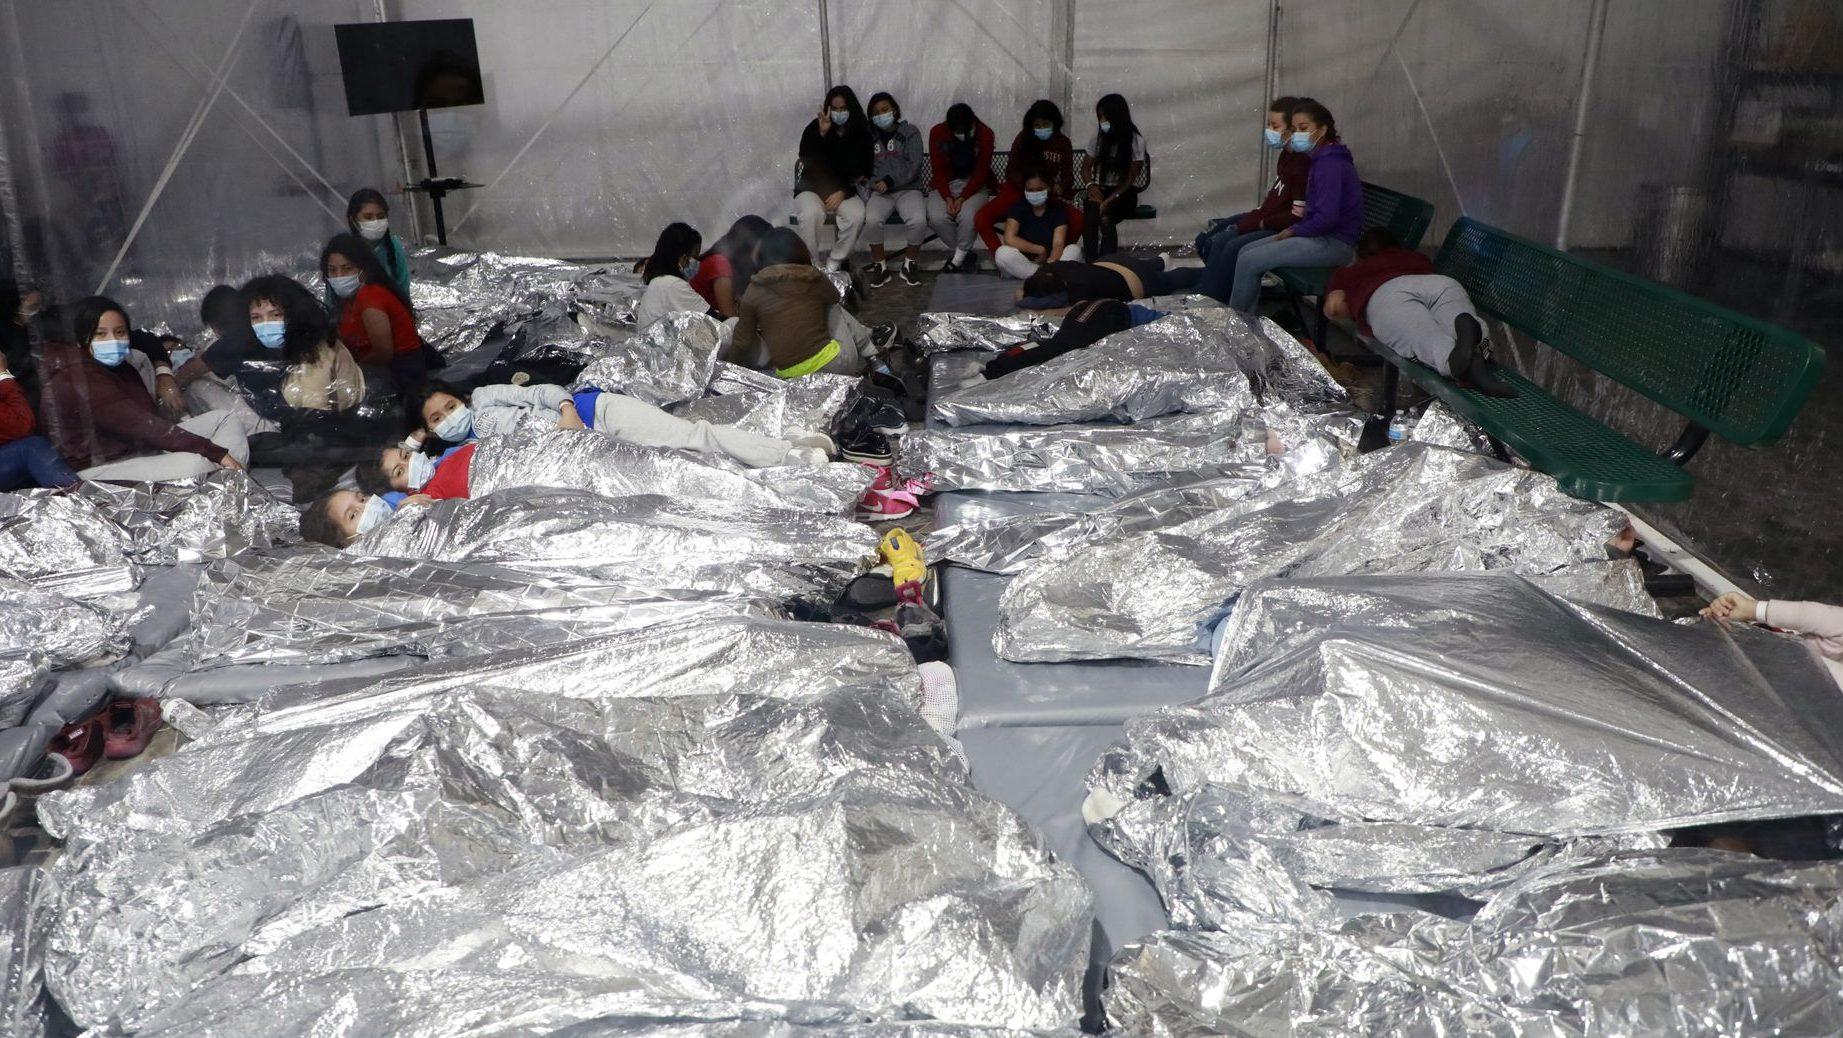 Centro de detención en Texas (EEUU).